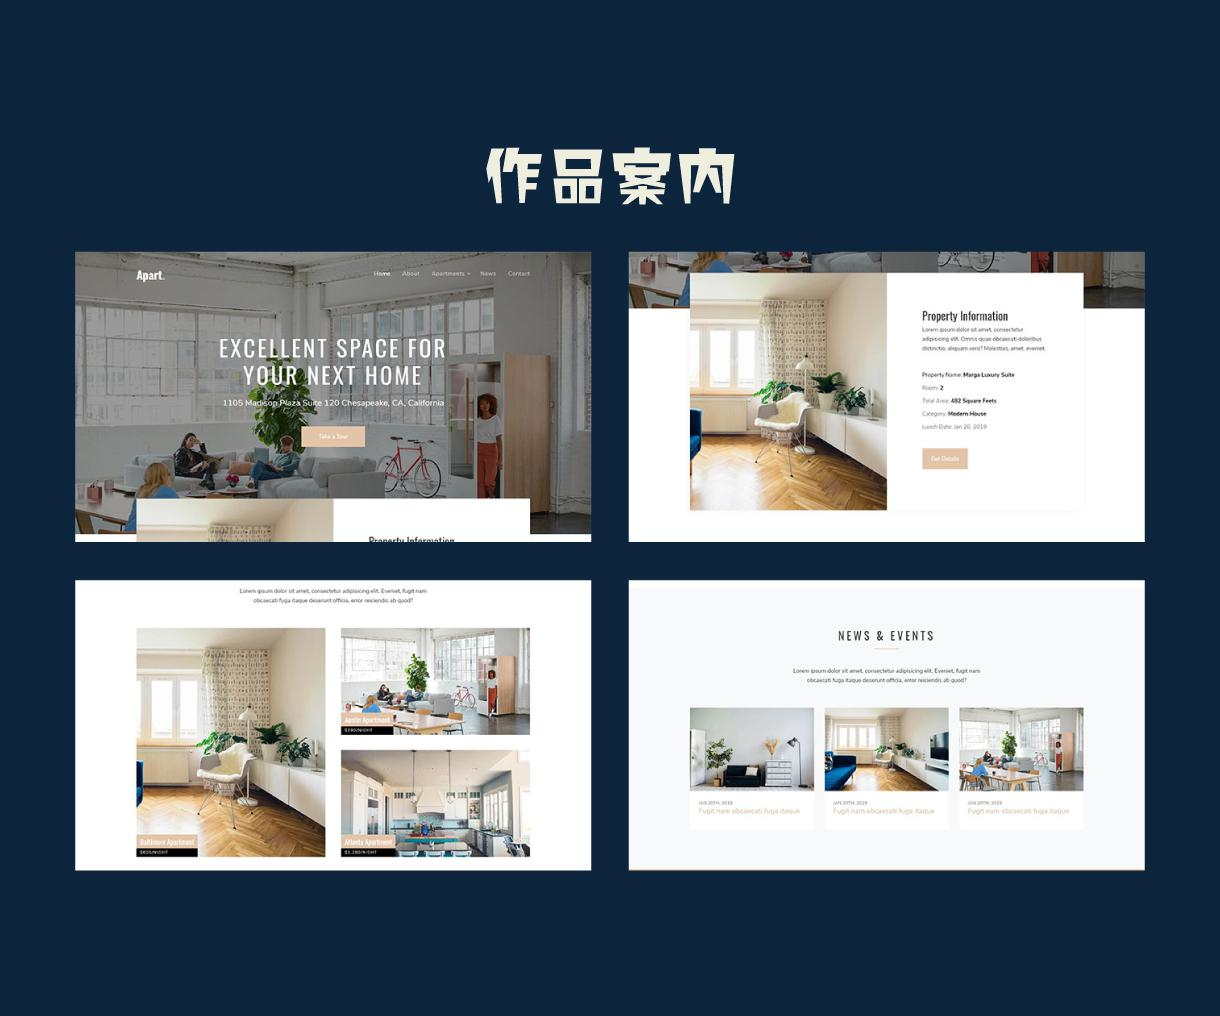 初心者向け!楽々更新できる本格ホームページ作ります 難しい設定を全てします。あなたは、簡単な更新作業をするだけ♪